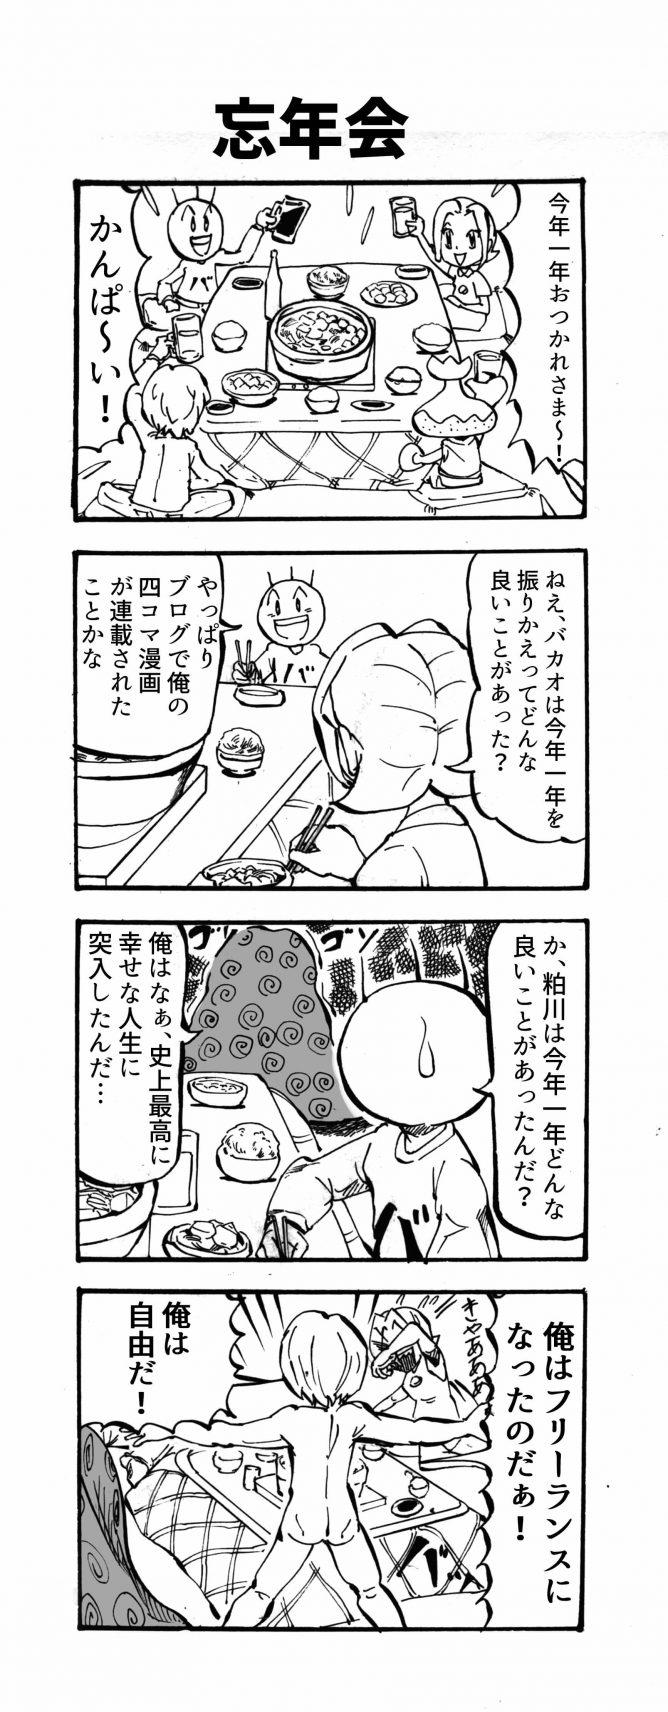 忘年会 四コマ漫画